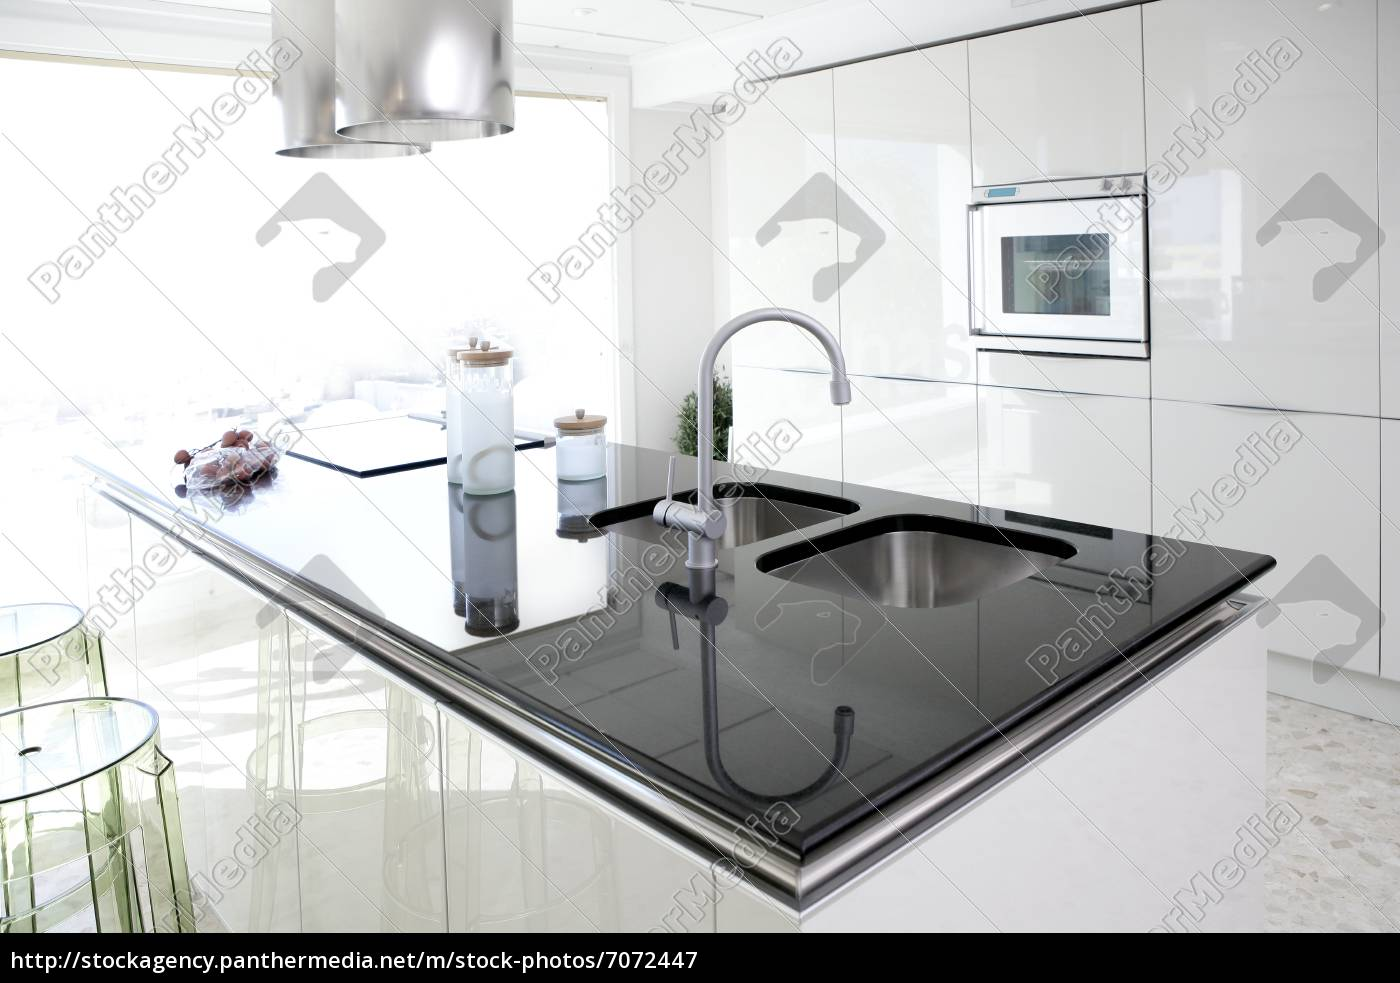 moderne weiße küche sauber innenarchitektur - Lizenzfreies Bild - #7072447 - Bildagentur ...